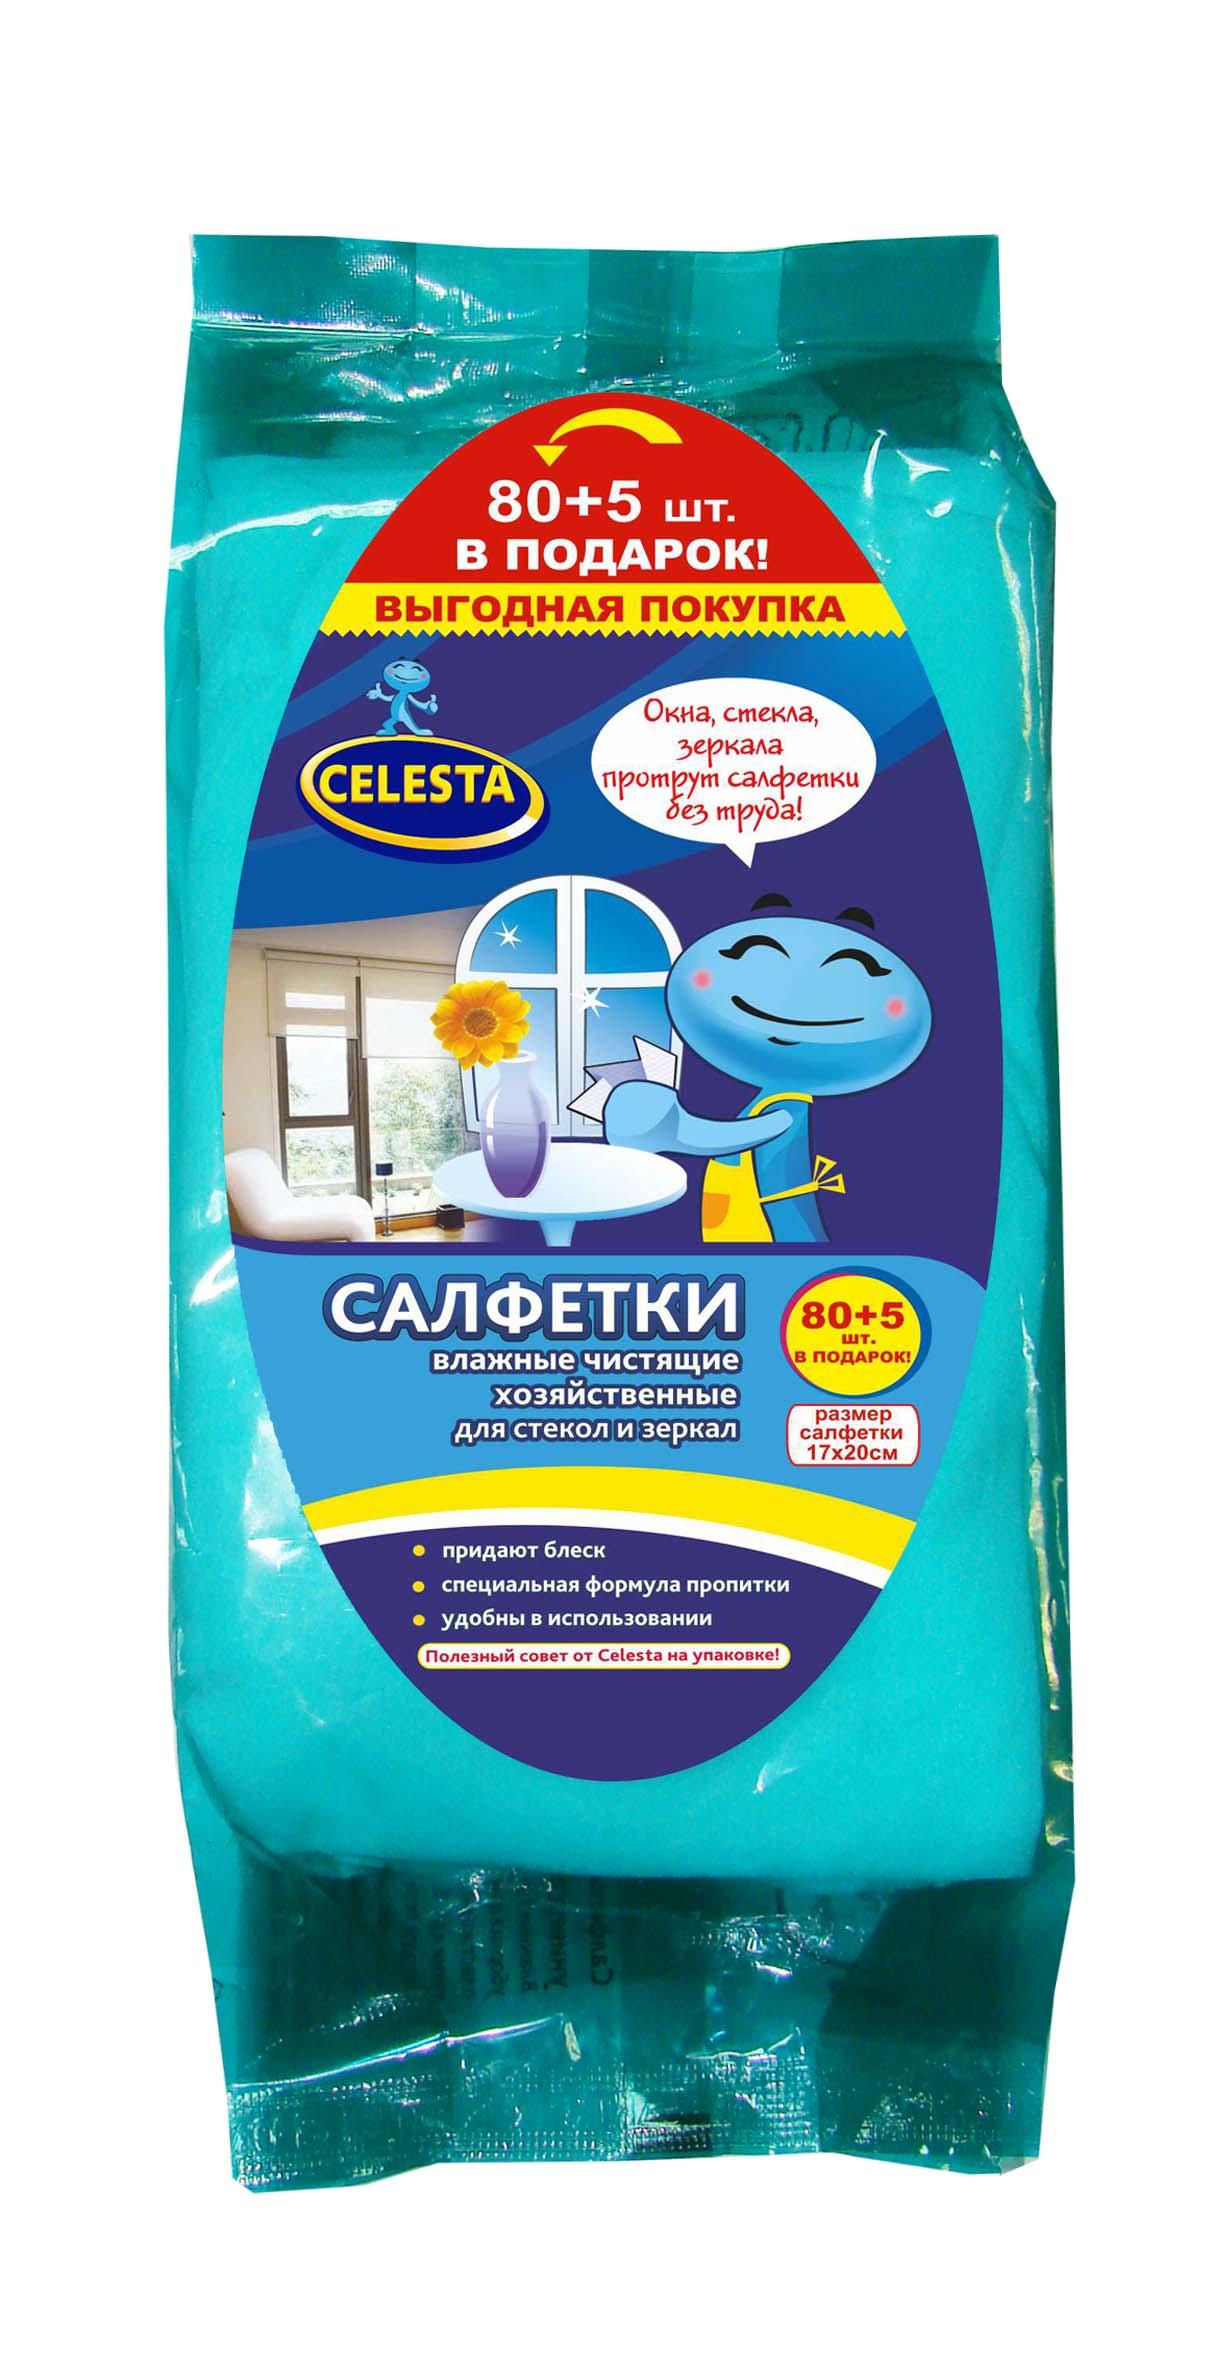 Салфетки влажные Celesta, для стекол и зеркал, 85 шт5598Влажные чистящие салфетки Celesta быстро очистят стеклянные поверхности и зеркала от любых видов загрязнений и пыли. Благодаря специальной формуле пропитки, не оставляют разводов, ворсинок, придают блеск обрабатываемым поверхностям. Пропитывающий состав безопасен для кожи рук.Размер салфетки: 17 см х 20 см.Состав: нетканое полотно, пропитывающий лосьон.